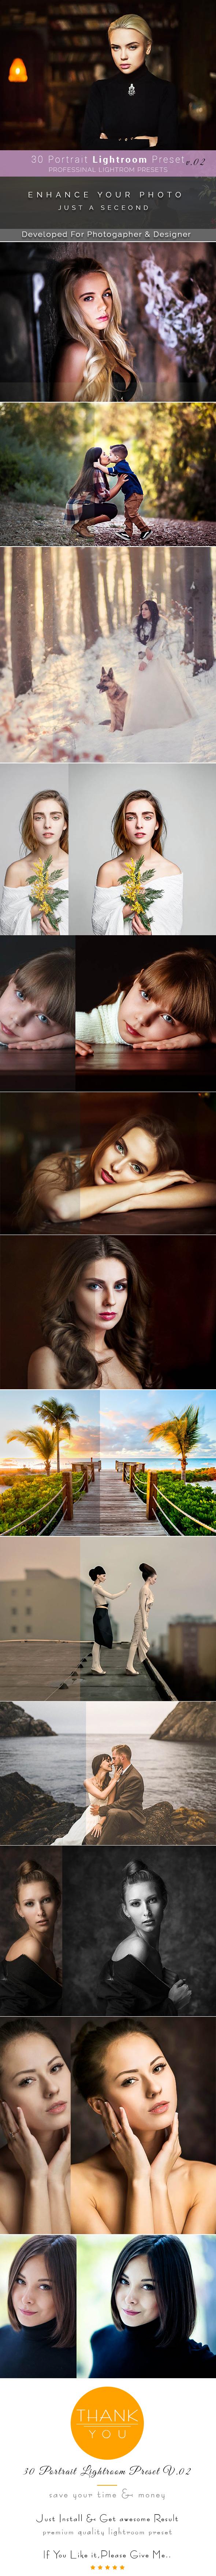 30 Portrait Lightroom Preset - Lightroom Presets Add-ons